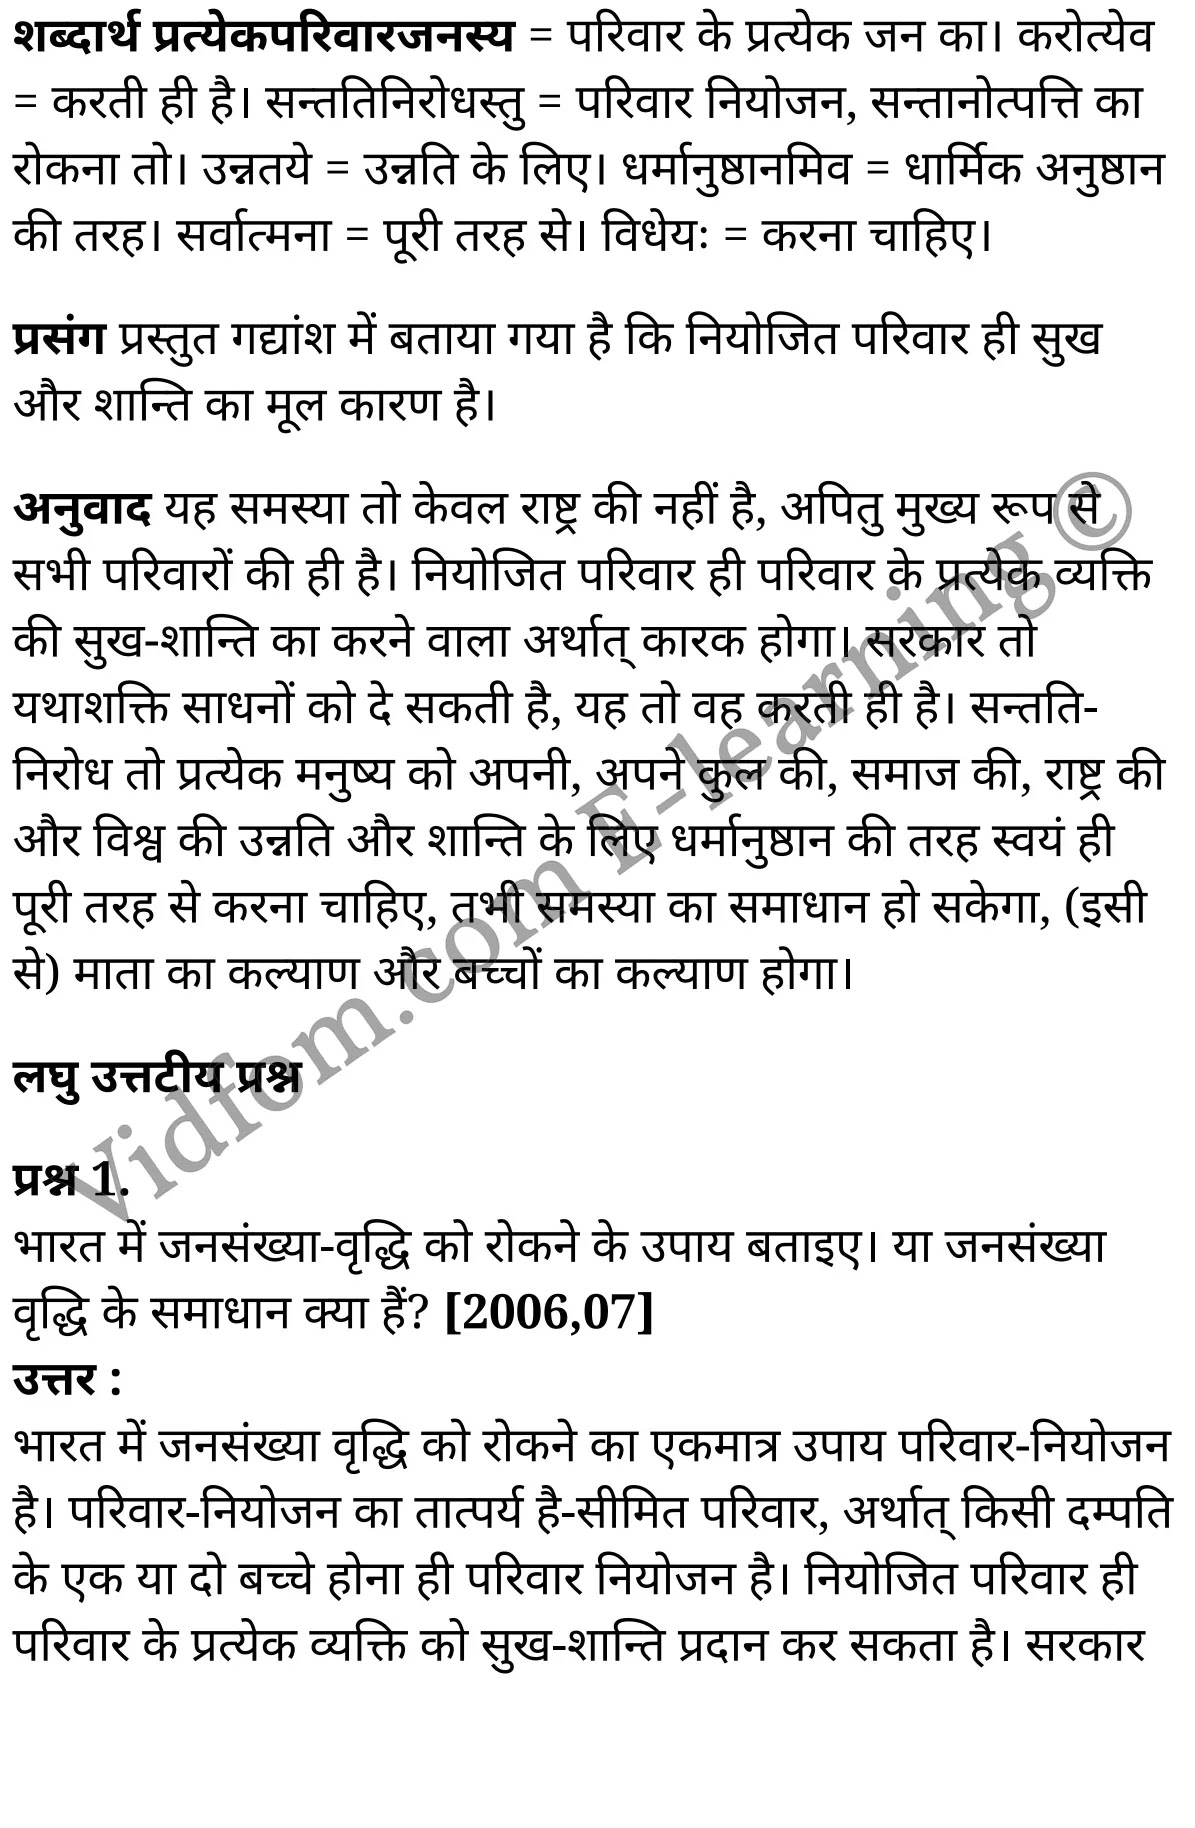 कक्षा 10 संस्कृत  के नोट्स  हिंदी में एनसीईआरटी समाधान,     class 10 sanskrit gadya bharathi Chapter 7,   class 10 sanskrit gadya bharathi Chapter 7 ncert solutions in Hindi,   class 10 sanskrit gadya bharathi Chapter 7 notes in hindi,   class 10 sanskrit gadya bharathi Chapter 7 question answer,   class 10 sanskrit gadya bharathi Chapter 7 notes,   class 10 sanskrit gadya bharathi Chapter 7 class 10 sanskrit gadya bharathi Chapter 7 in  hindi,    class 10 sanskrit gadya bharathi Chapter 7 important questions in  hindi,   class 10 sanskrit gadya bharathi Chapter 7 notes in hindi,    class 10 sanskrit gadya bharathi Chapter 7 test,   class 10 sanskrit gadya bharathi Chapter 7 pdf,   class 10 sanskrit gadya bharathi Chapter 7 notes pdf,   class 10 sanskrit gadya bharathi Chapter 7 exercise solutions,   class 10 sanskrit gadya bharathi Chapter 7 notes study rankers,   class 10 sanskrit gadya bharathi Chapter 7 notes,    class 10 sanskrit gadya bharathi Chapter 7  class 10  notes pdf,   class 10 sanskrit gadya bharathi Chapter 7 class 10  notes  ncert,   class 10 sanskrit gadya bharathi Chapter 7 class 10 pdf,   class 10 sanskrit gadya bharathi Chapter 7  book,   class 10 sanskrit gadya bharathi Chapter 7 quiz class 10  ,   कक्षा 10 भरते जनसंख्या – समस्या,  कक्षा 10 भरते जनसंख्या – समस्या  के नोट्स हिंदी में,  कक्षा 10 भरते जनसंख्या – समस्या प्रश्न उत्तर,  कक्षा 10 भरते जनसंख्या – समस्या के नोट्स,  10 कक्षा भरते जनसंख्या – समस्या  हिंदी में, कक्षा 10 भरते जनसंख्या – समस्या  हिंदी में,  कक्षा 10 भरते जनसंख्या – समस्या  महत्वपूर्ण प्रश्न हिंदी में, कक्षा 10 संस्कृत के नोट्स  हिंदी में, भरते जनसंख्या – समस्या हिंदी में कक्षा 10 नोट्स pdf,    भरते जनसंख्या – समस्या हिंदी में  कक्षा 10 नोट्स 2021 ncert,   भरते जनसंख्या – समस्या हिंदी  कक्षा 10 pdf,   भरते जनसंख्या – समस्या हिंदी में  पुस्तक,   भरते जनसंख्या – समस्या हिंदी में की बुक,   भरते जनसंख्या – समस्या हिंदी में  प्रश्नोत्तरी class 10 ,  10   वीं भरते जनसंख्या – समस्या  पुस्तक up board,   बिहार बोर्ड 10  पुस्तक वीं भरत